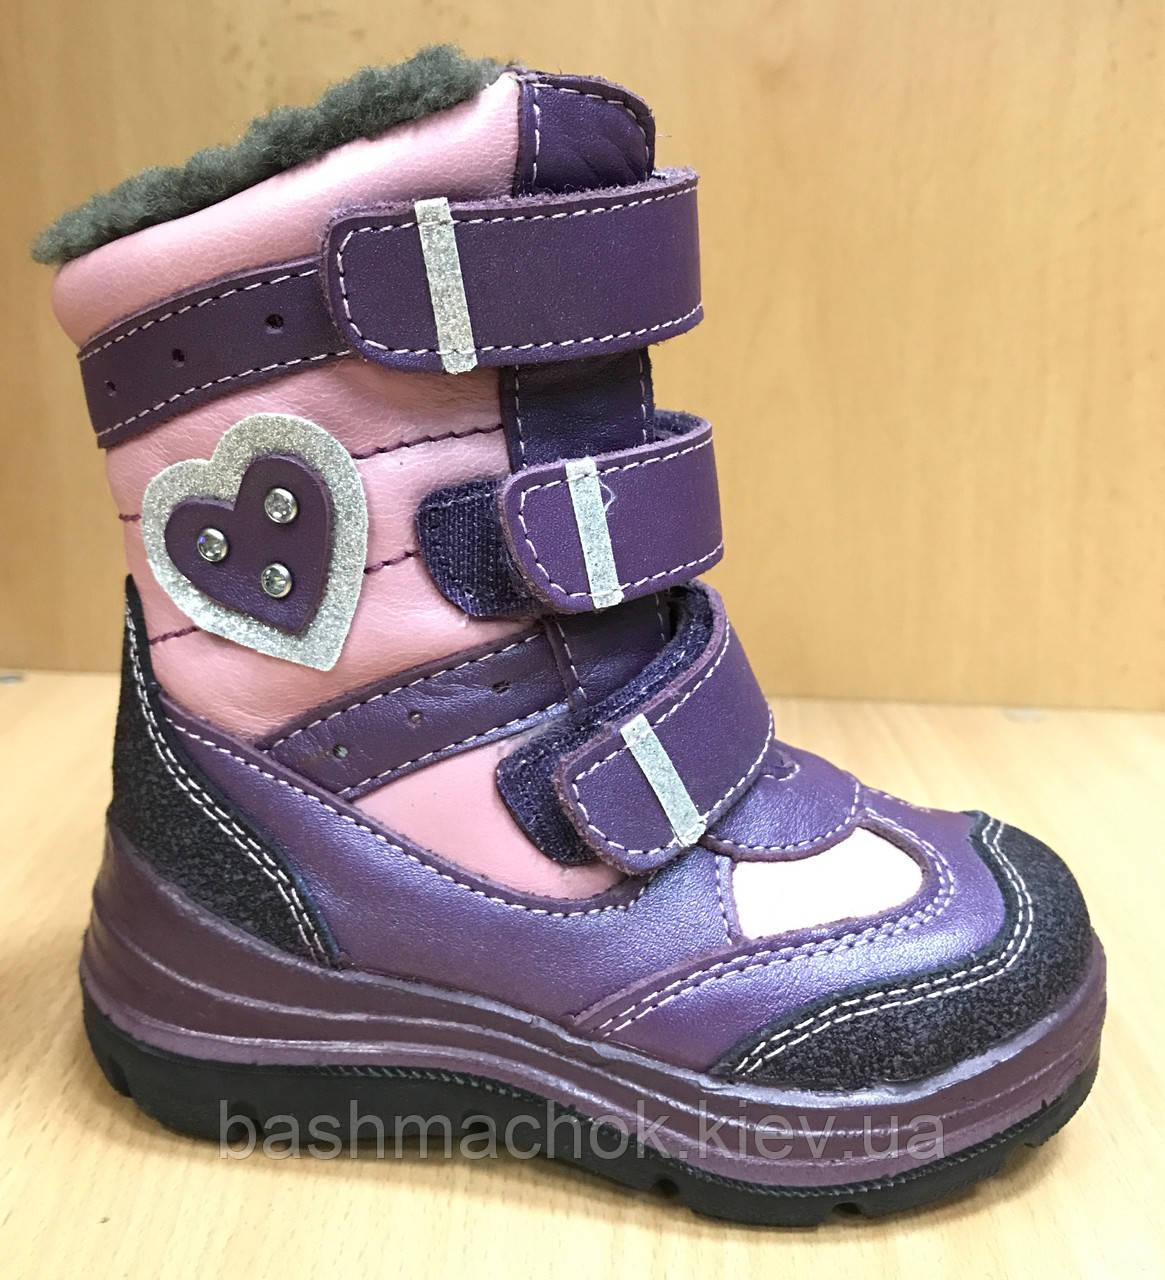 5fa26ba8faaa Детские зимние кожаные ботинки Котофей на цигейке размер 23,28 -  Интернет-магазин детской